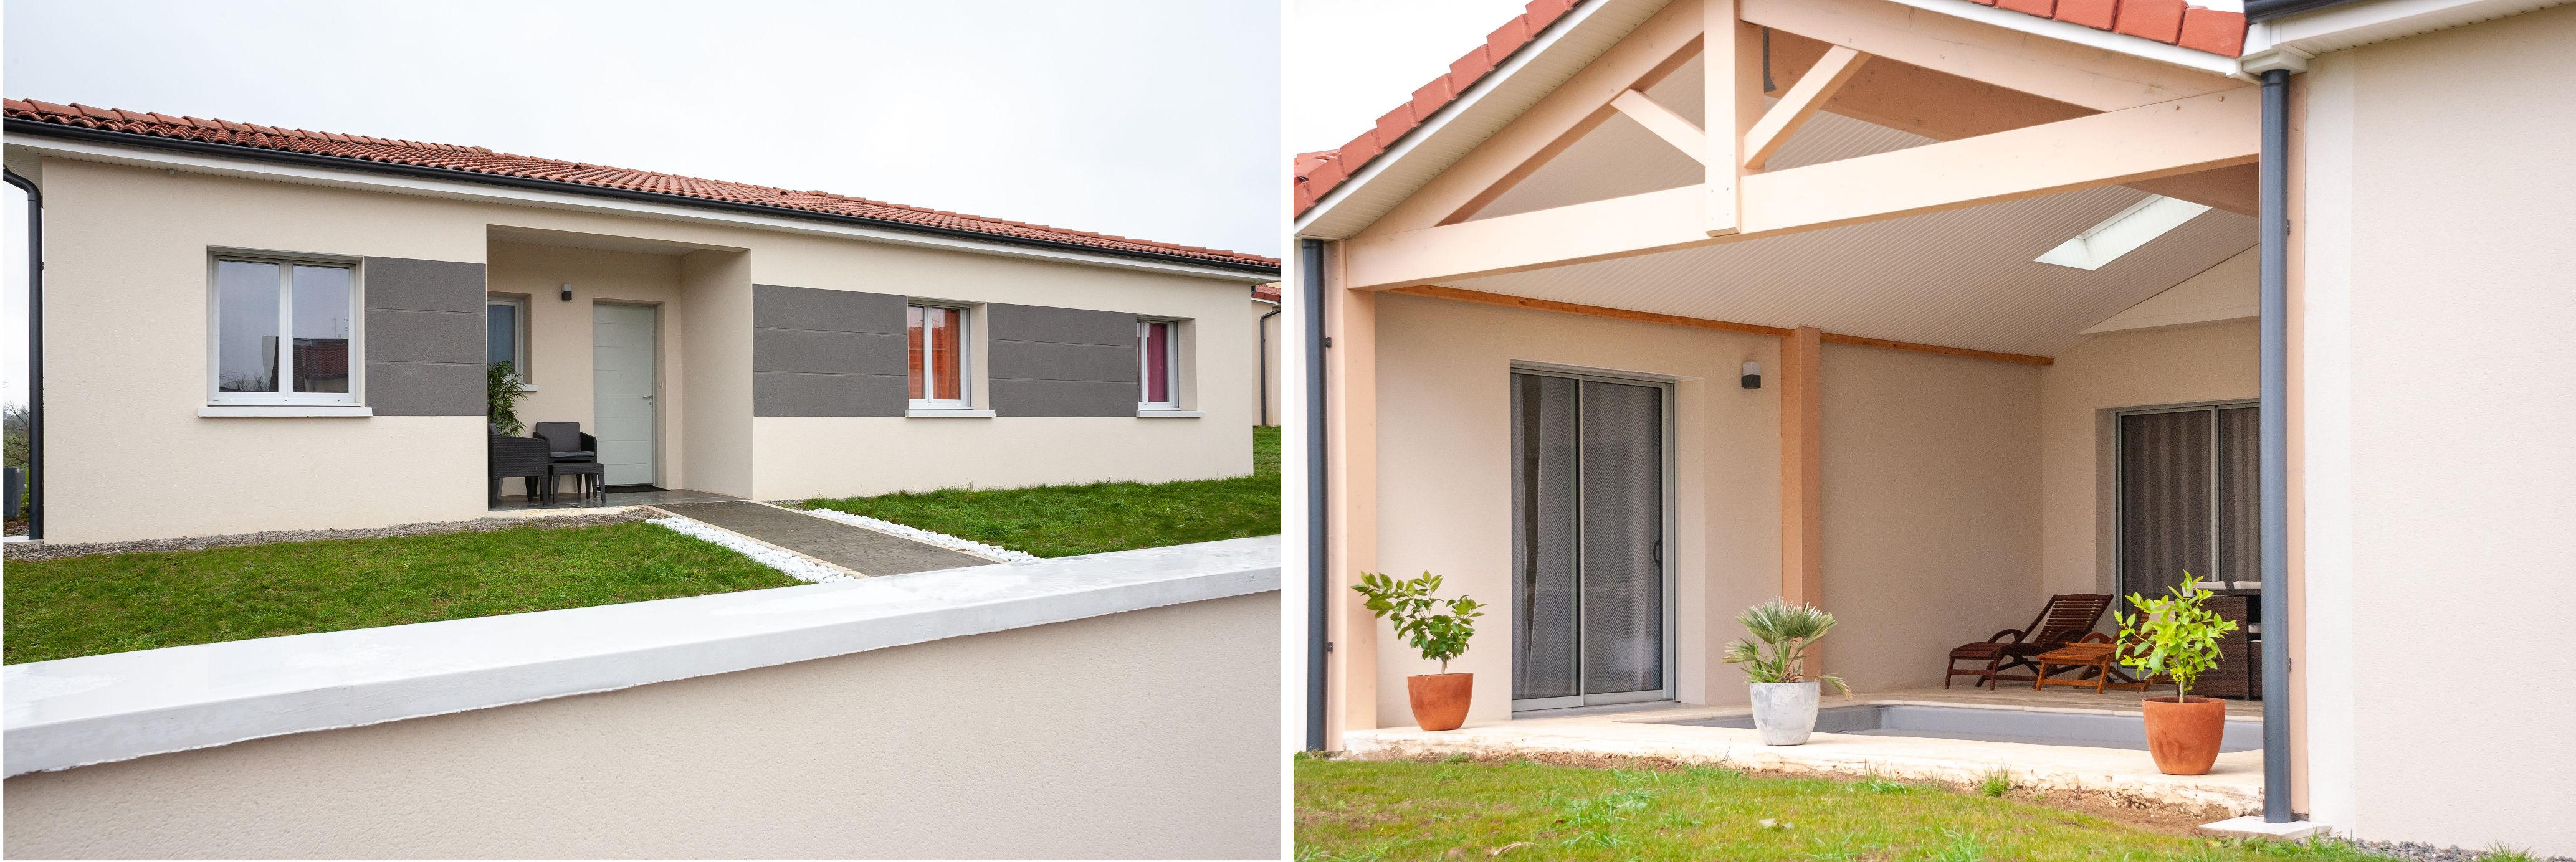 Constructeur Maison En Bois Limoges constructeur de maison à limoges | arlogis